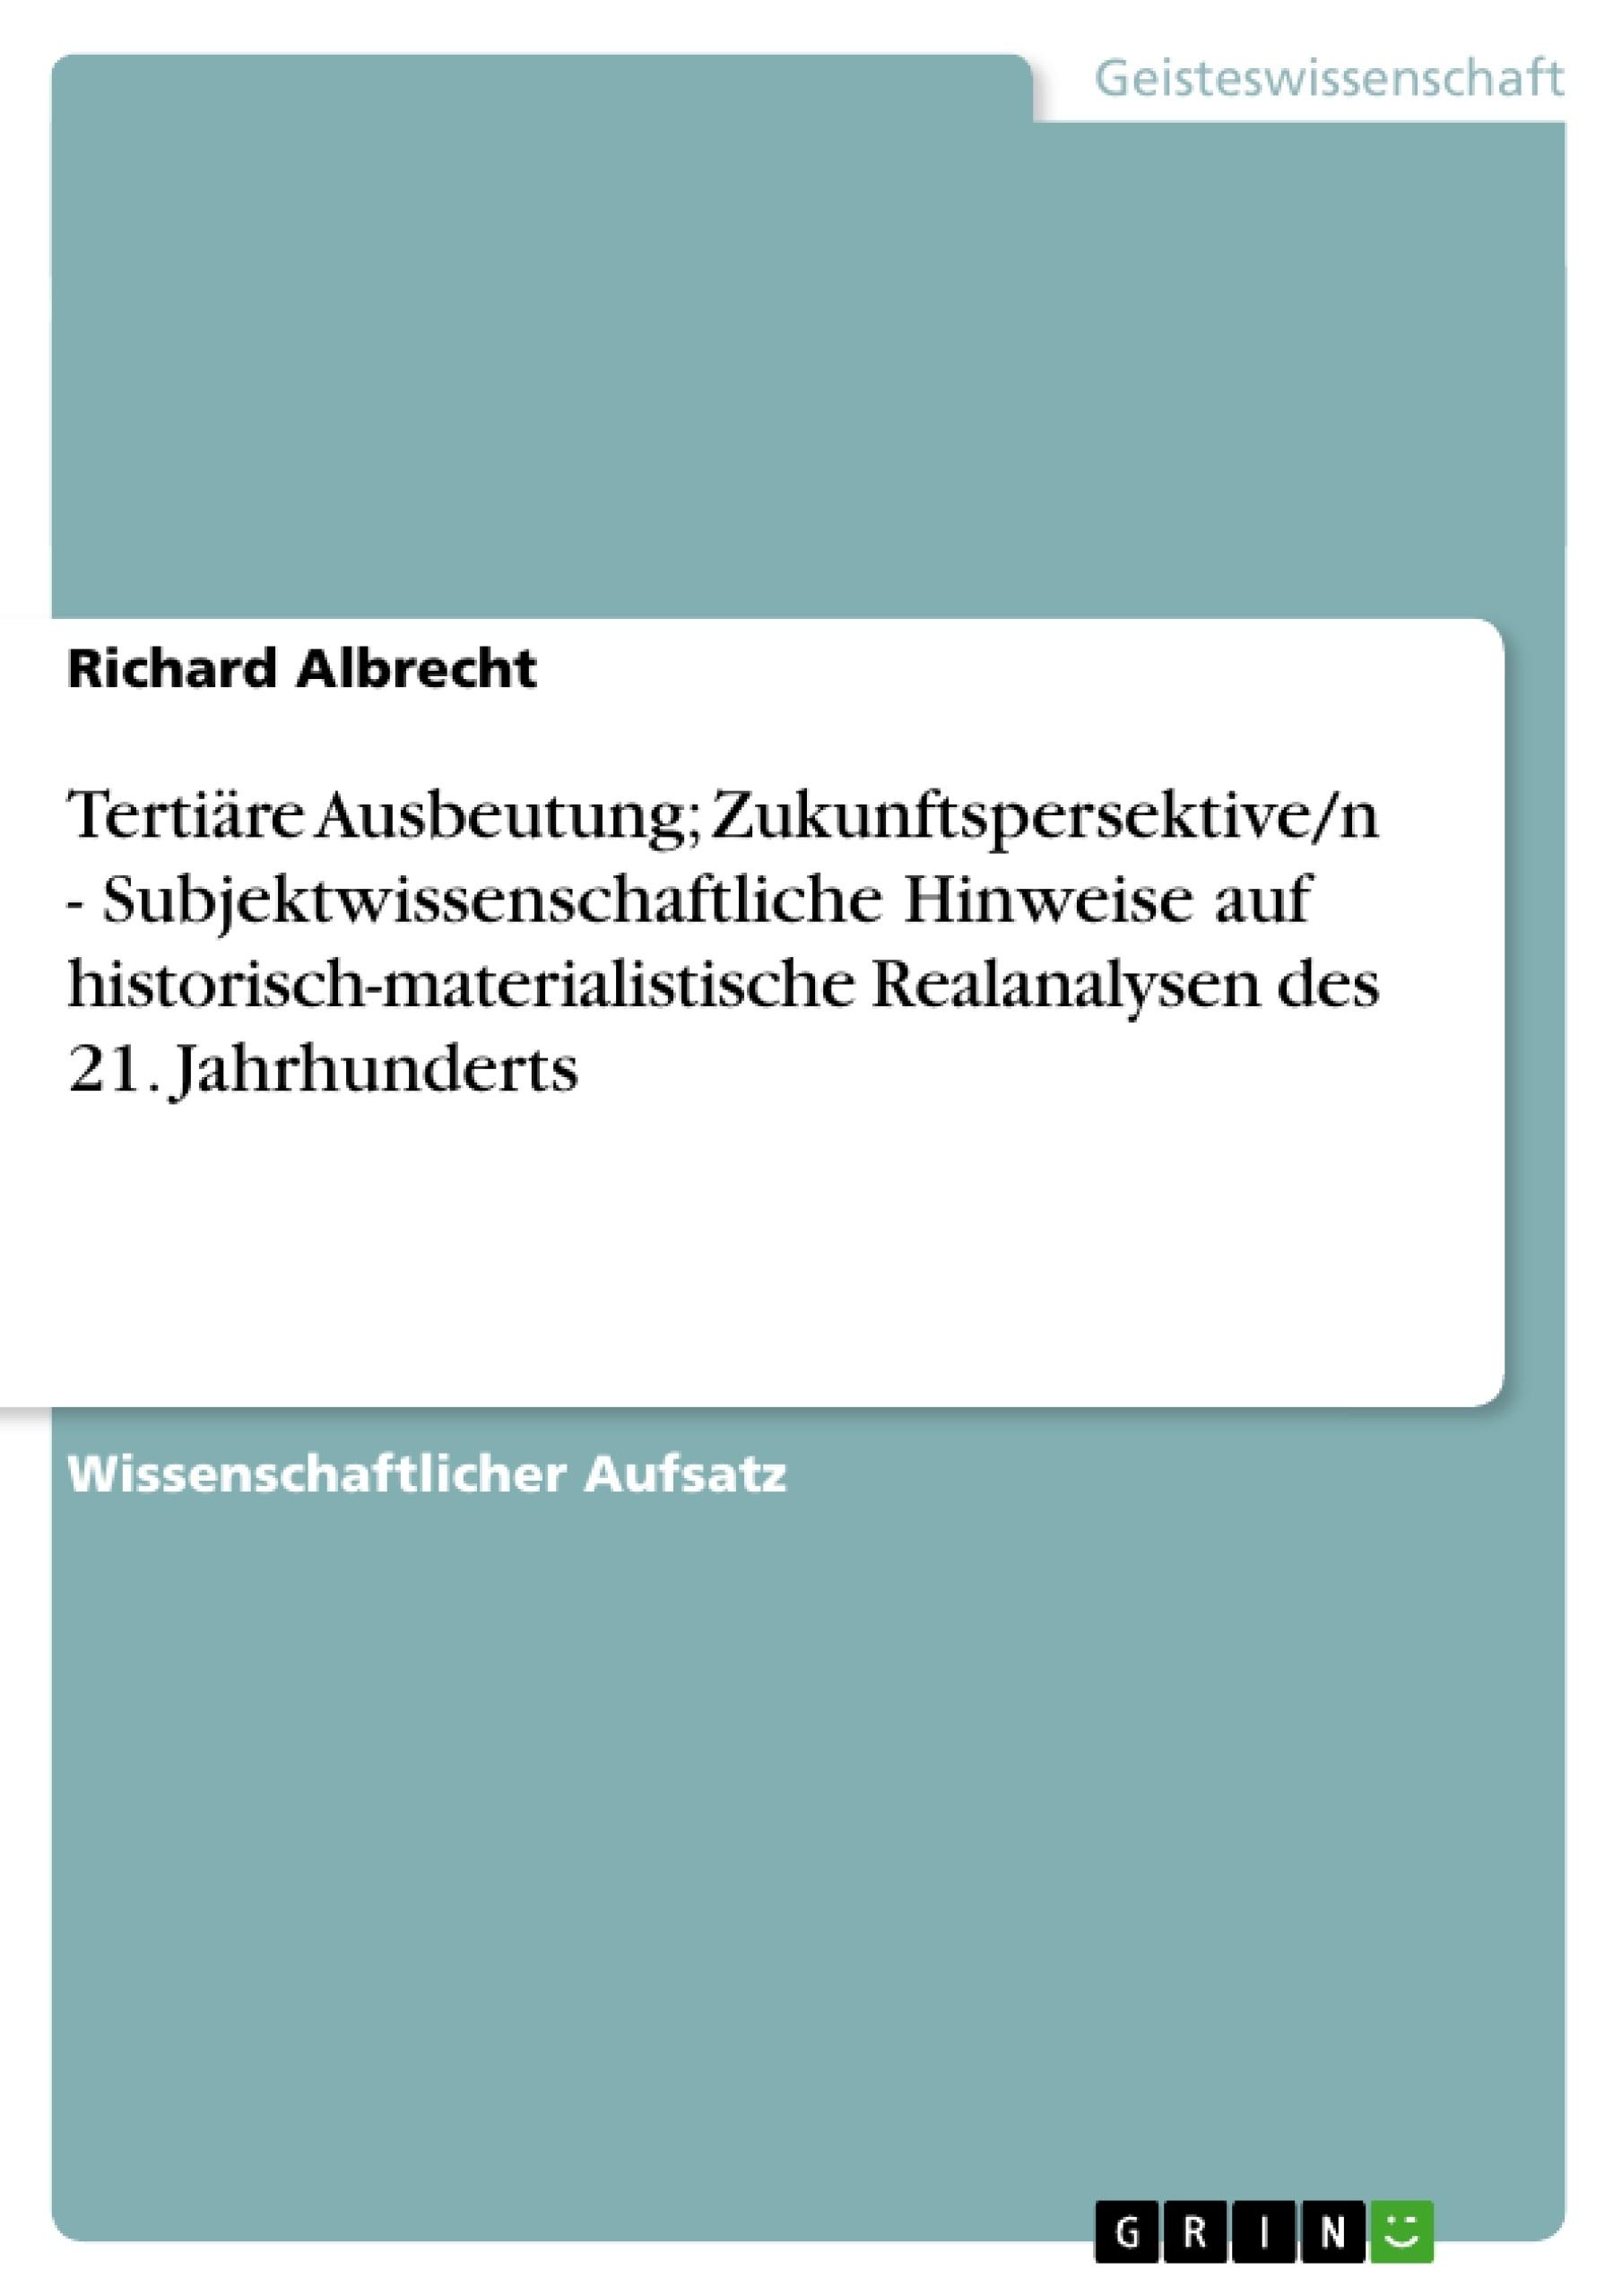 Titel: Tertiäre Ausbeutung; Zukunftspersektive/n - Subjektwissenschaftliche Hinweise auf historisch-materialistische Realanalysen des 21. Jahrhunderts